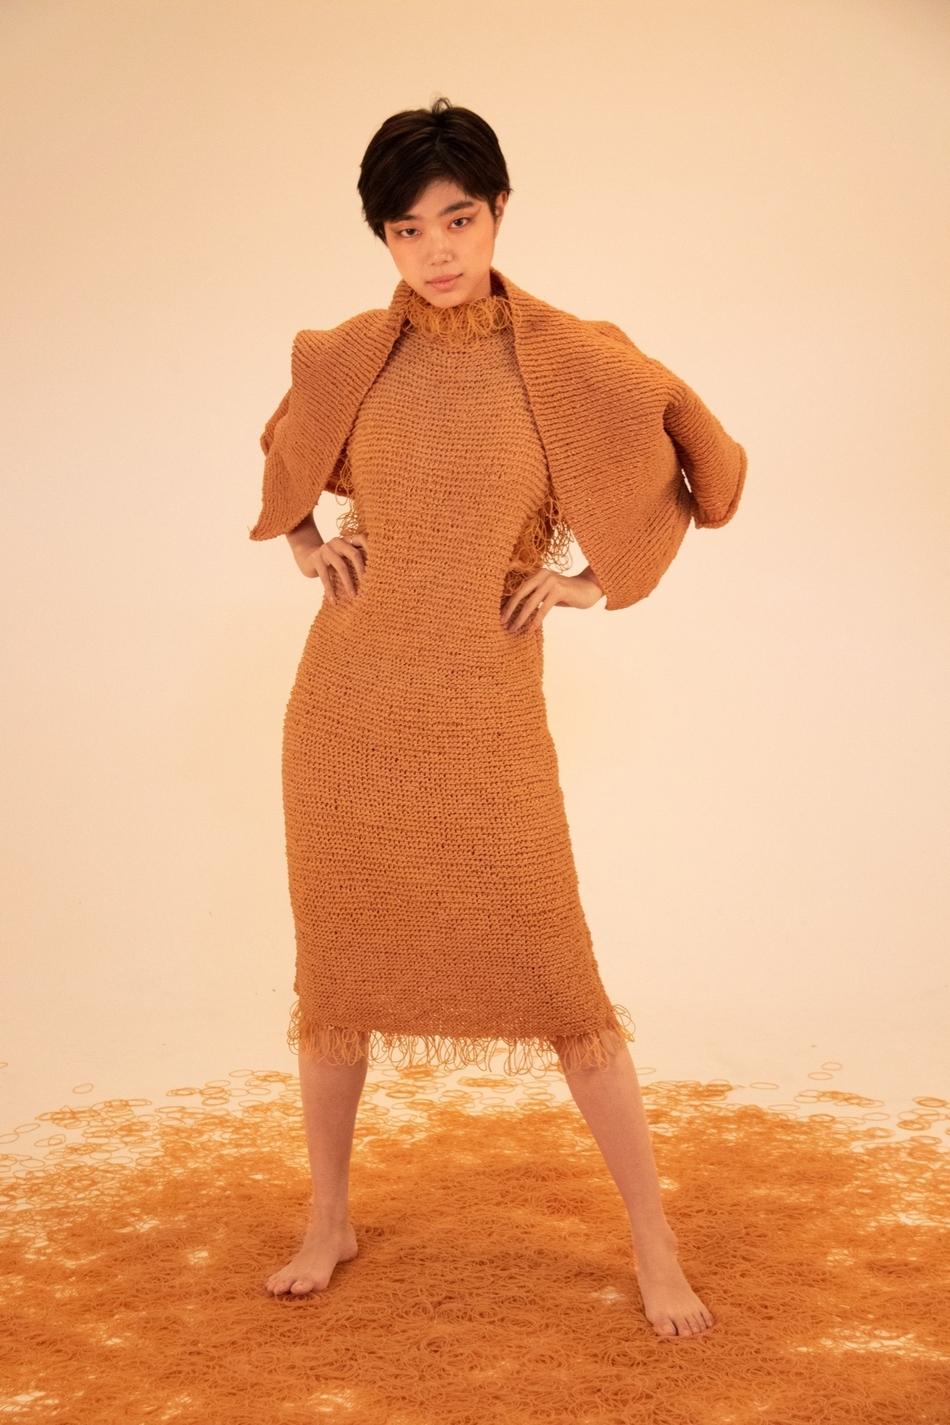 你以为这是毛衣 其实它是用橡皮筋织的